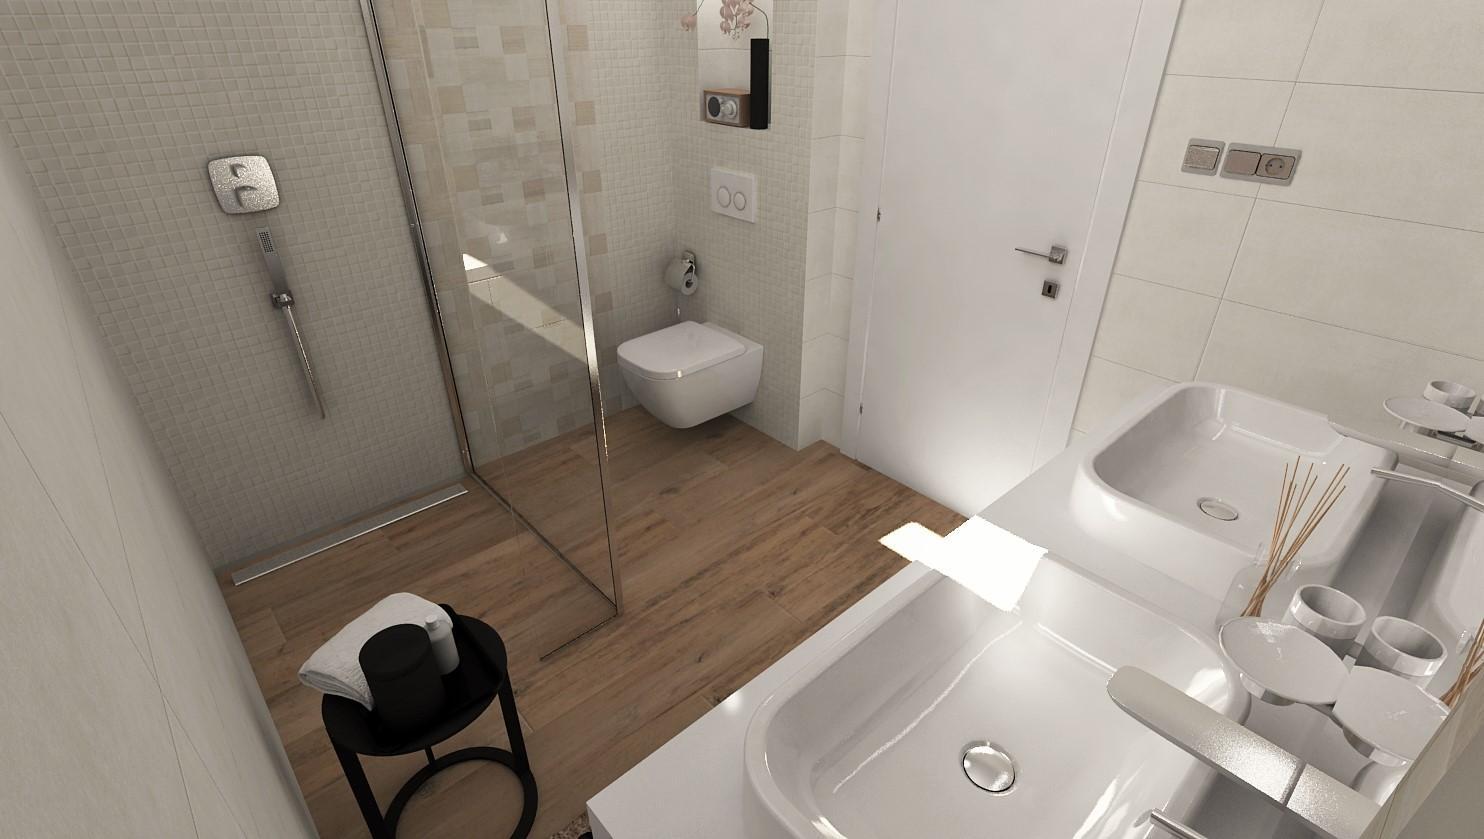 Návrhy a vizualizácie kúpeľní - Obrázok č. 45